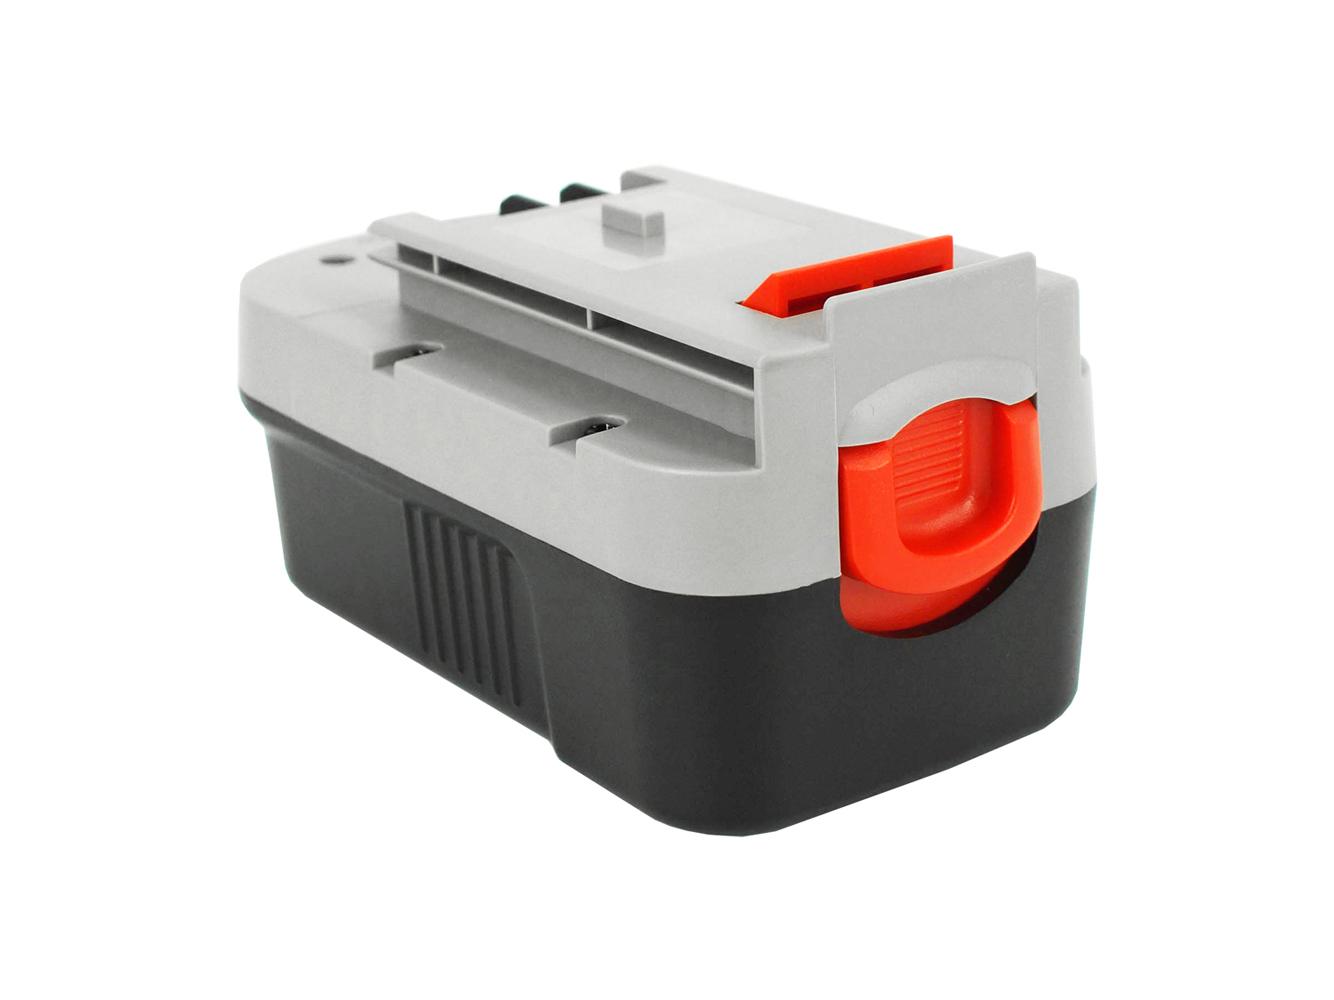 Schulz Snack Box mini mini Proviantbox Micro Dose 9,5 x 7,5 x 3,5 cm